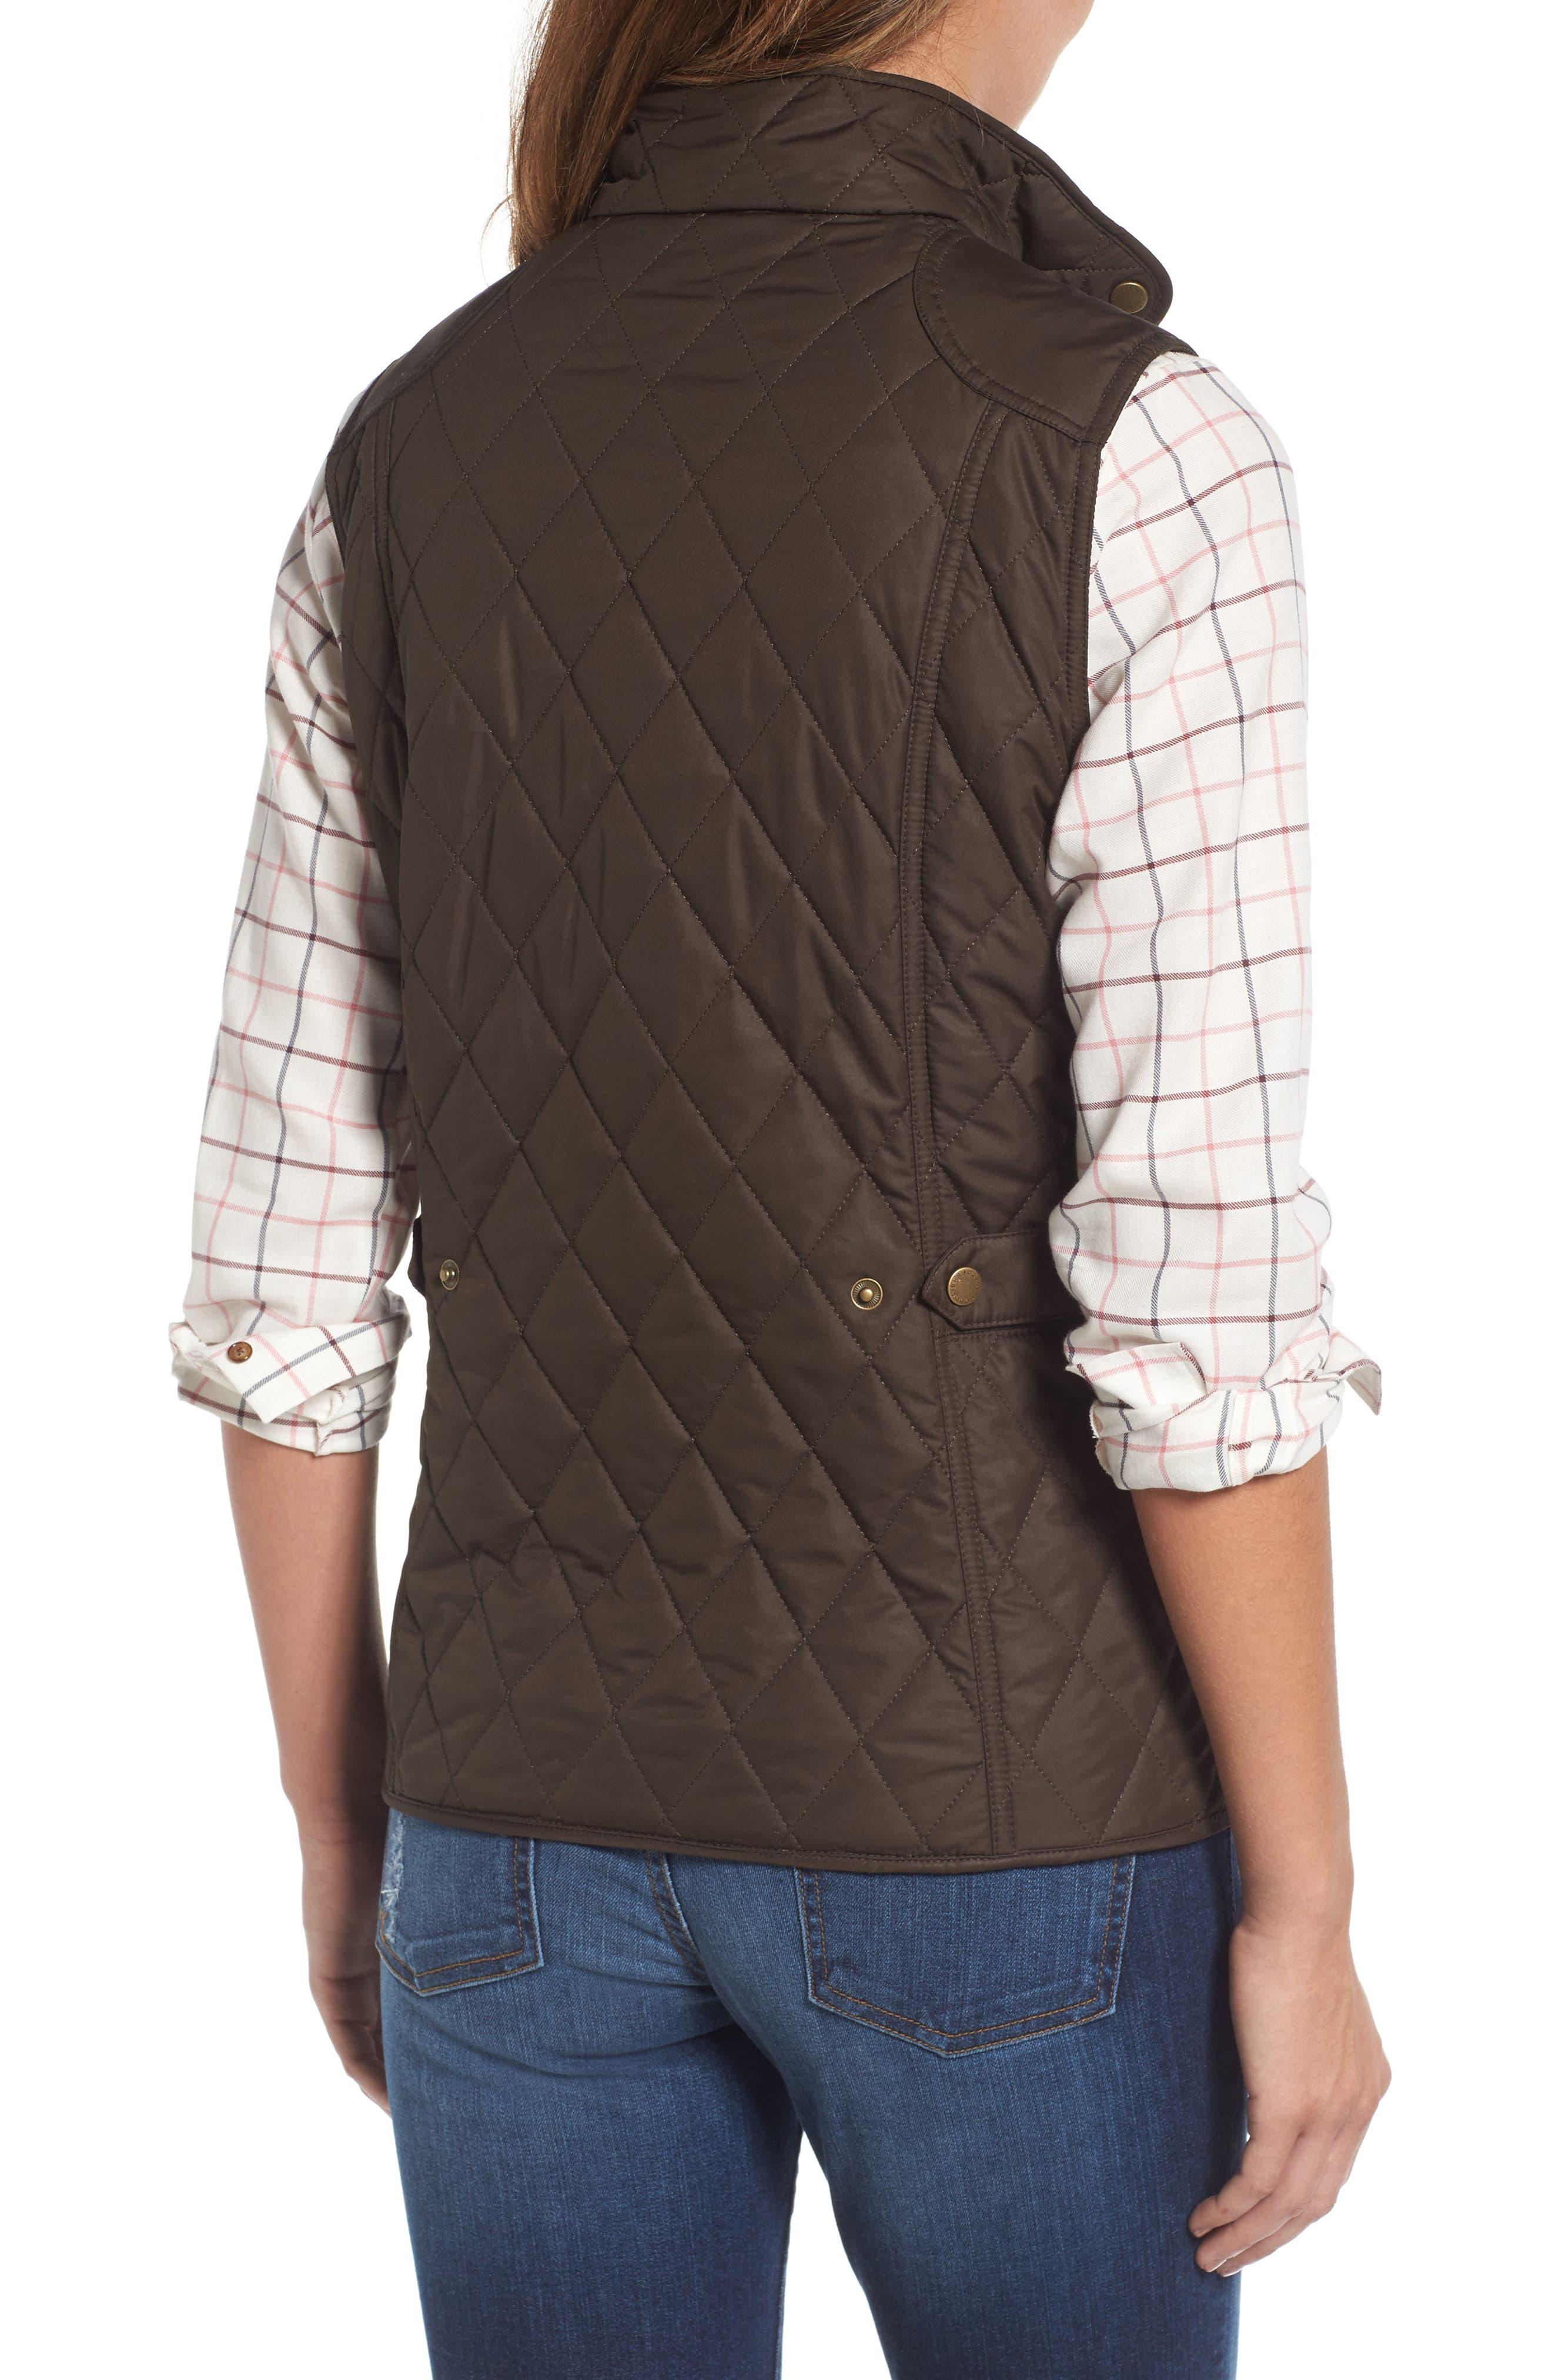 Saddleworth Quilted Vest,                             Alternate thumbnail 2, color,                             Olive